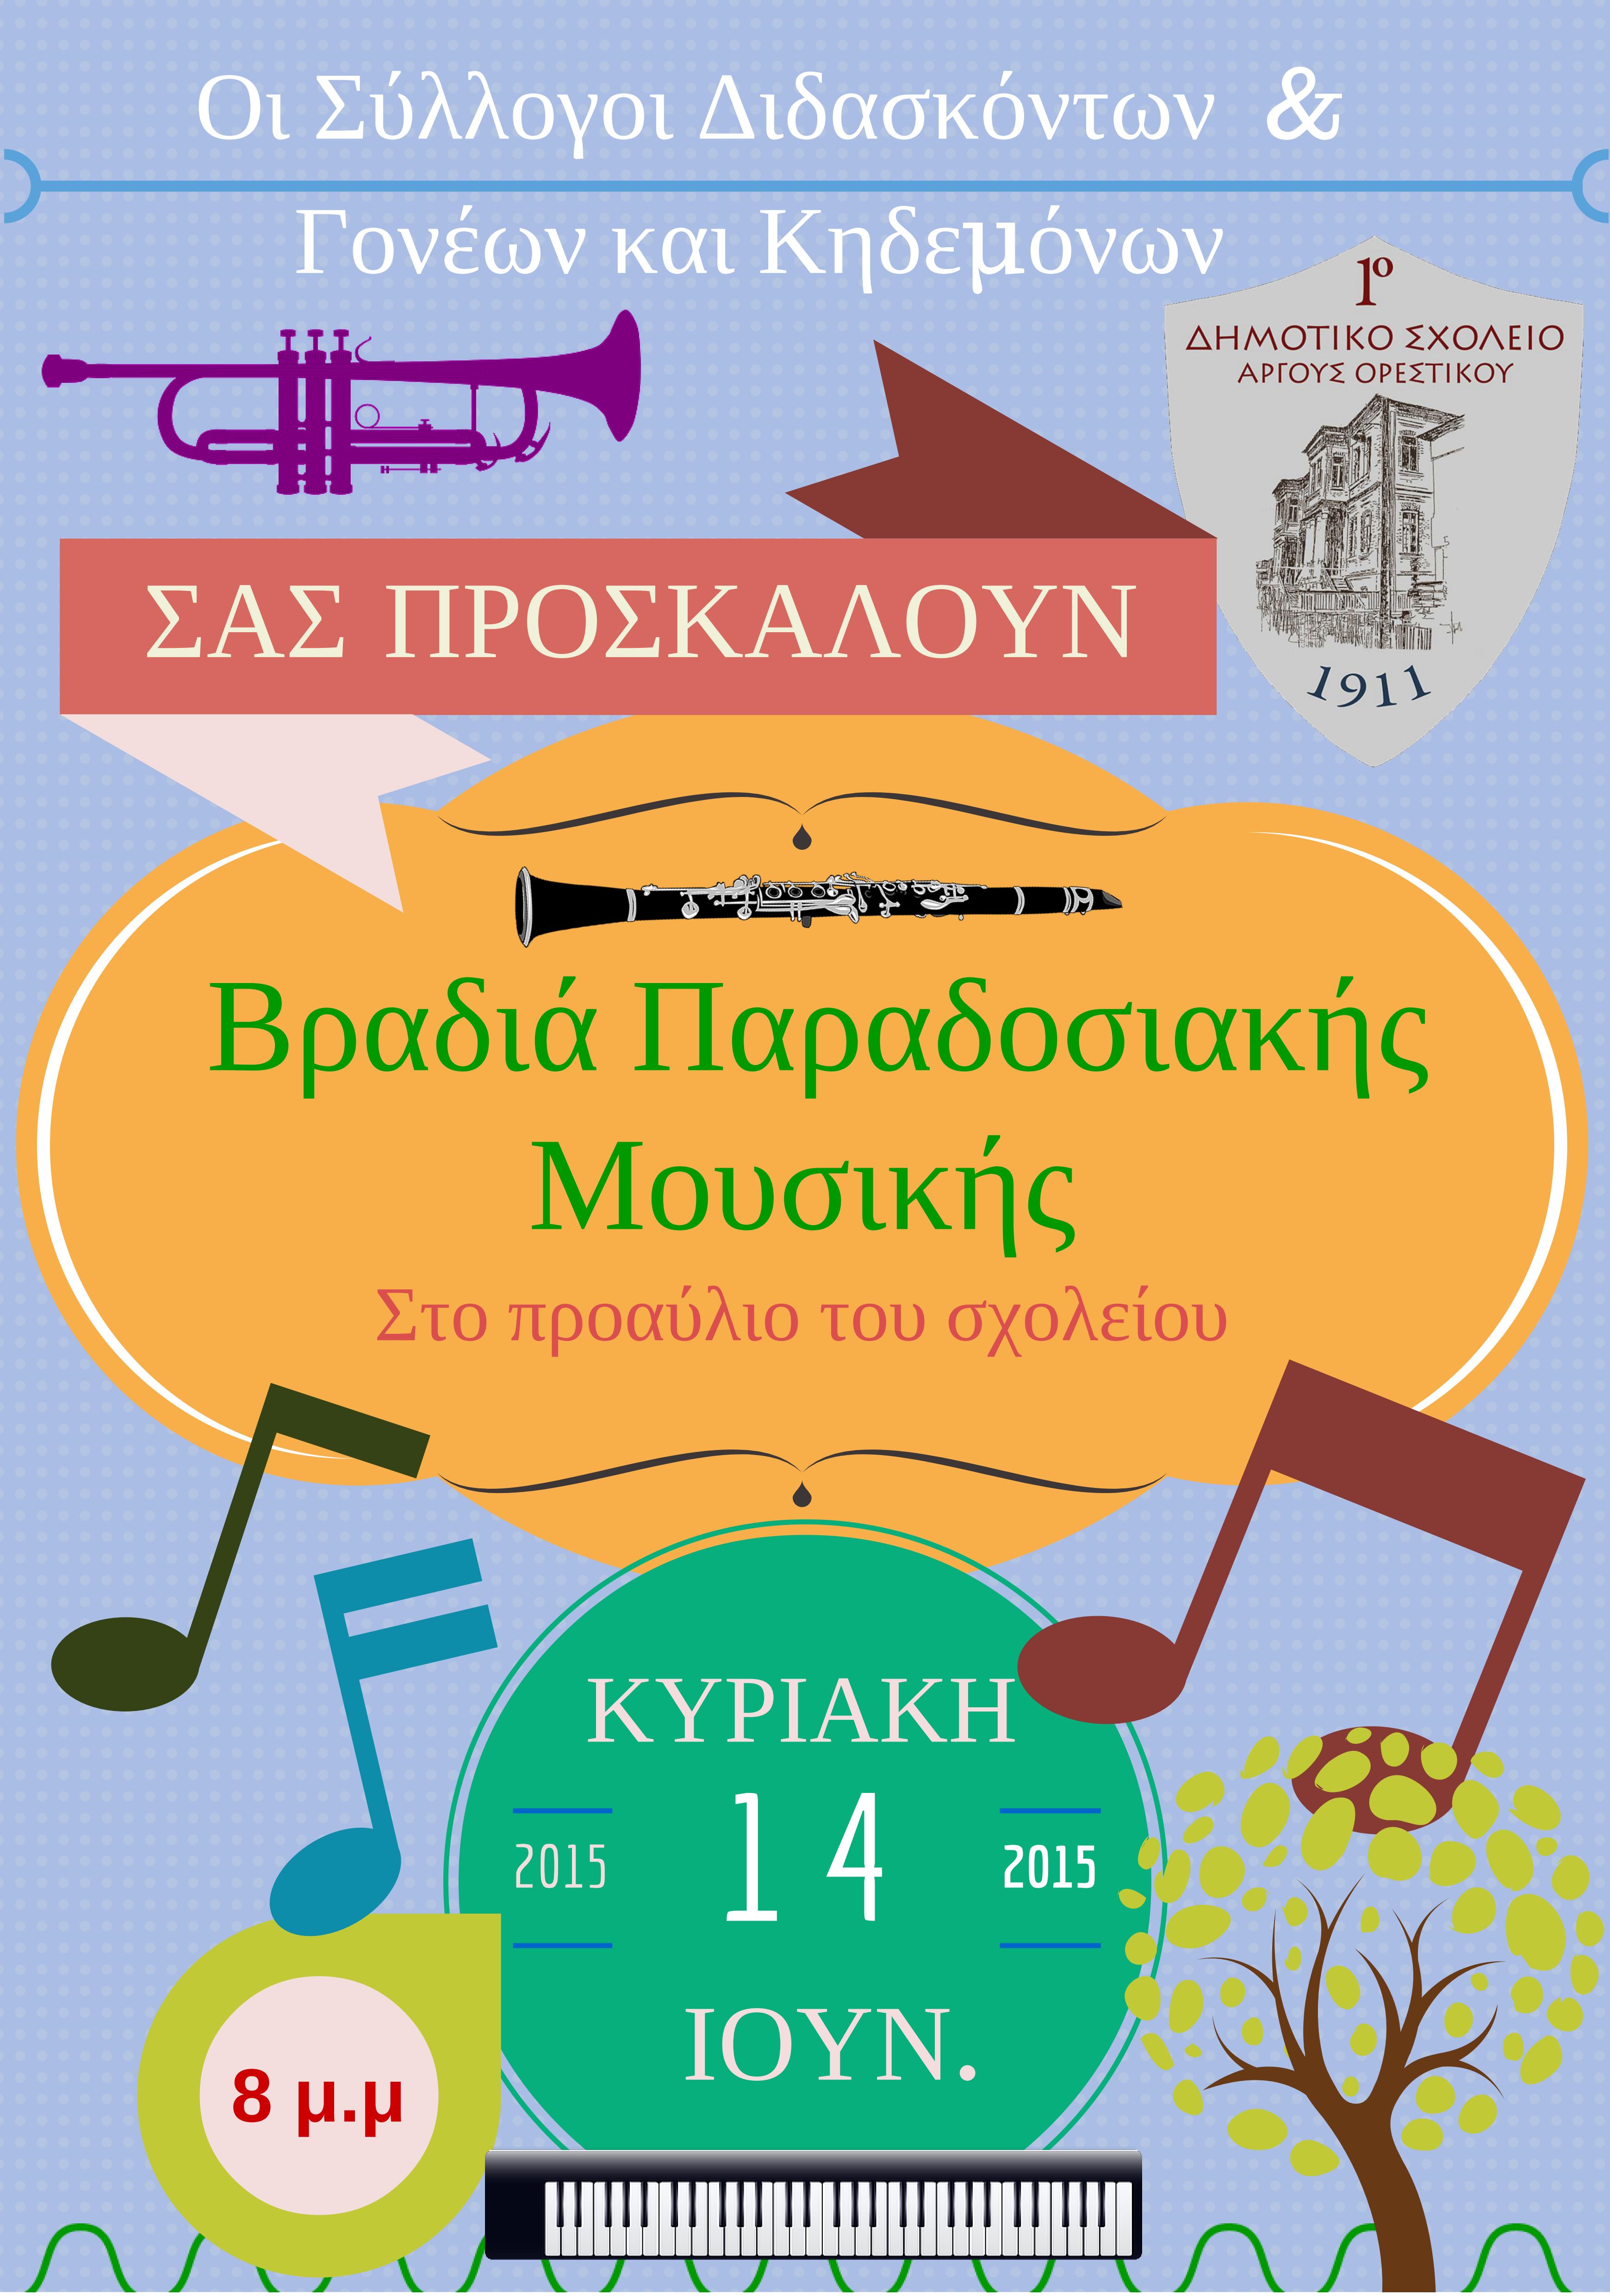 Γιορτή λήξης 2014-15